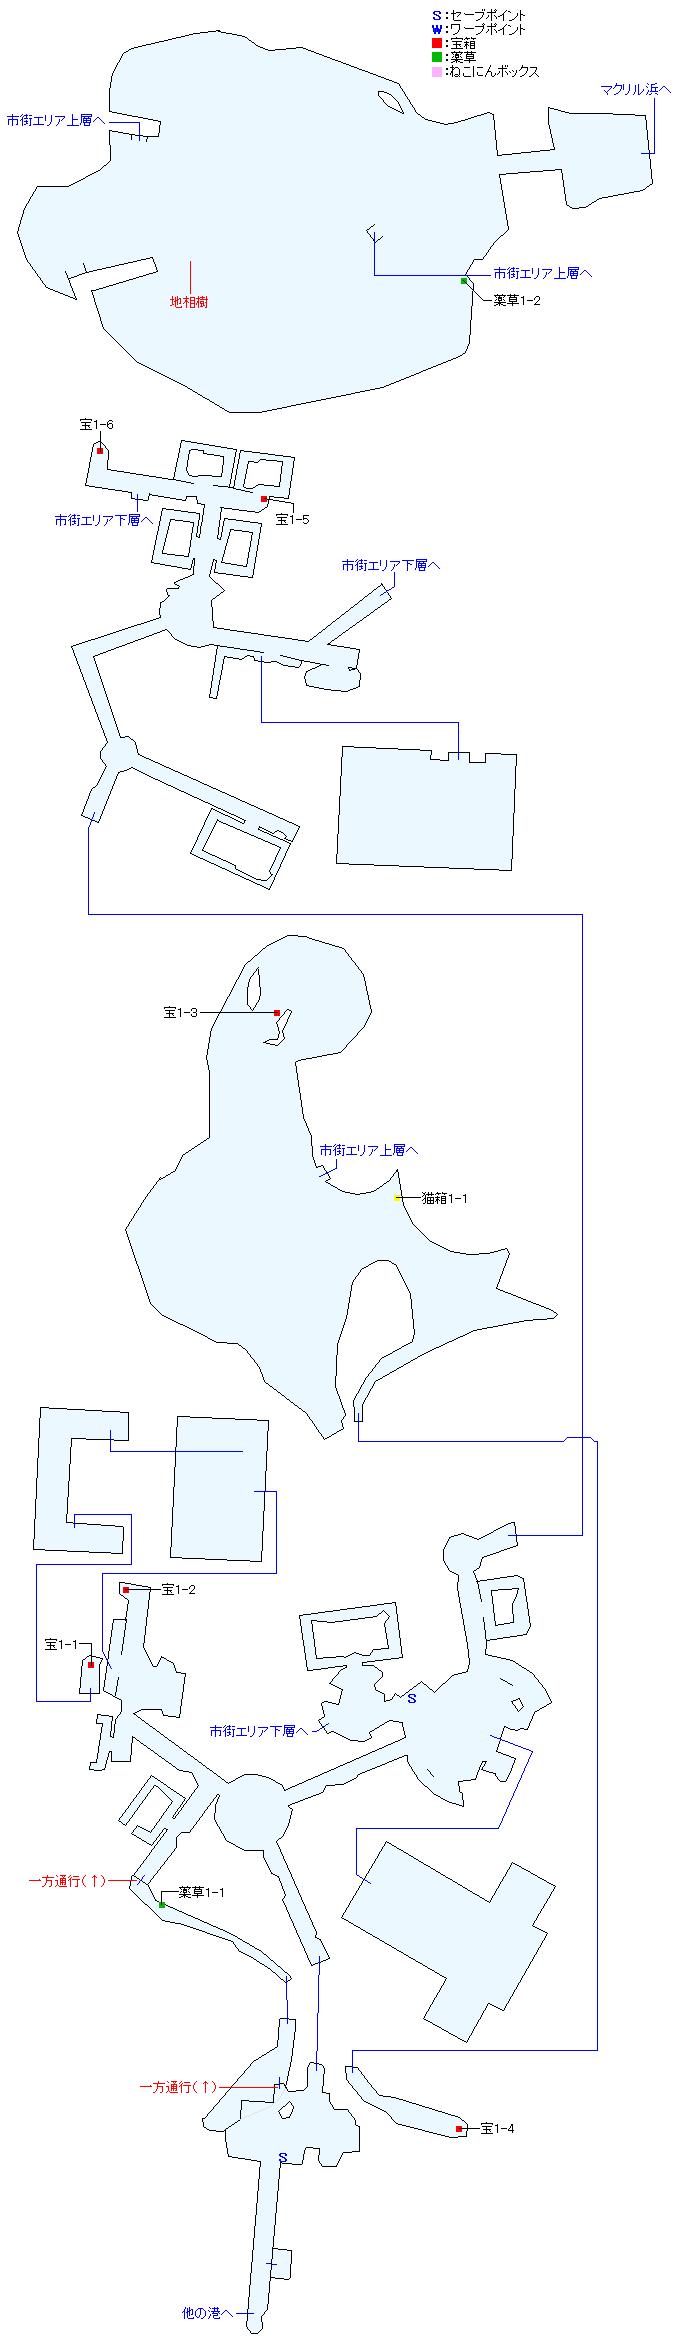 マップ画像・イズルト